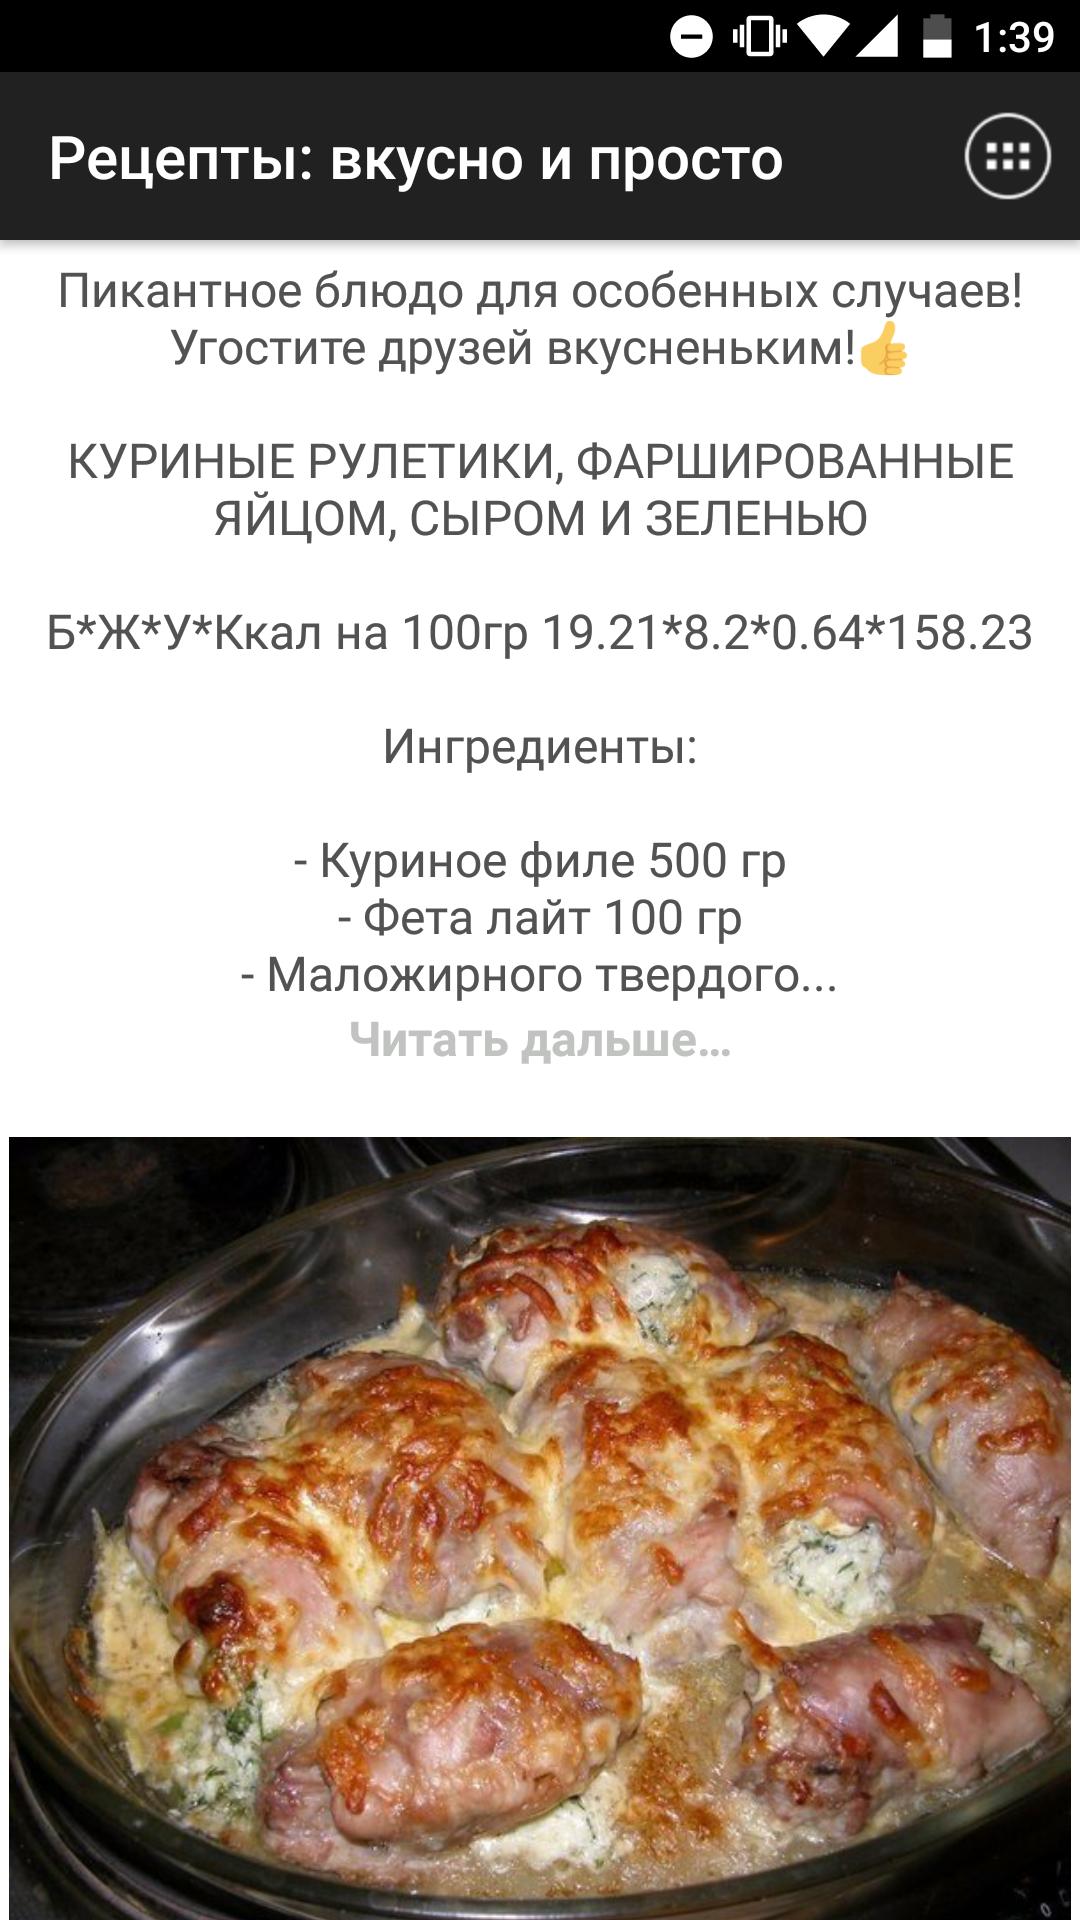 Рецепты самые легкие самые вкусные рецепты